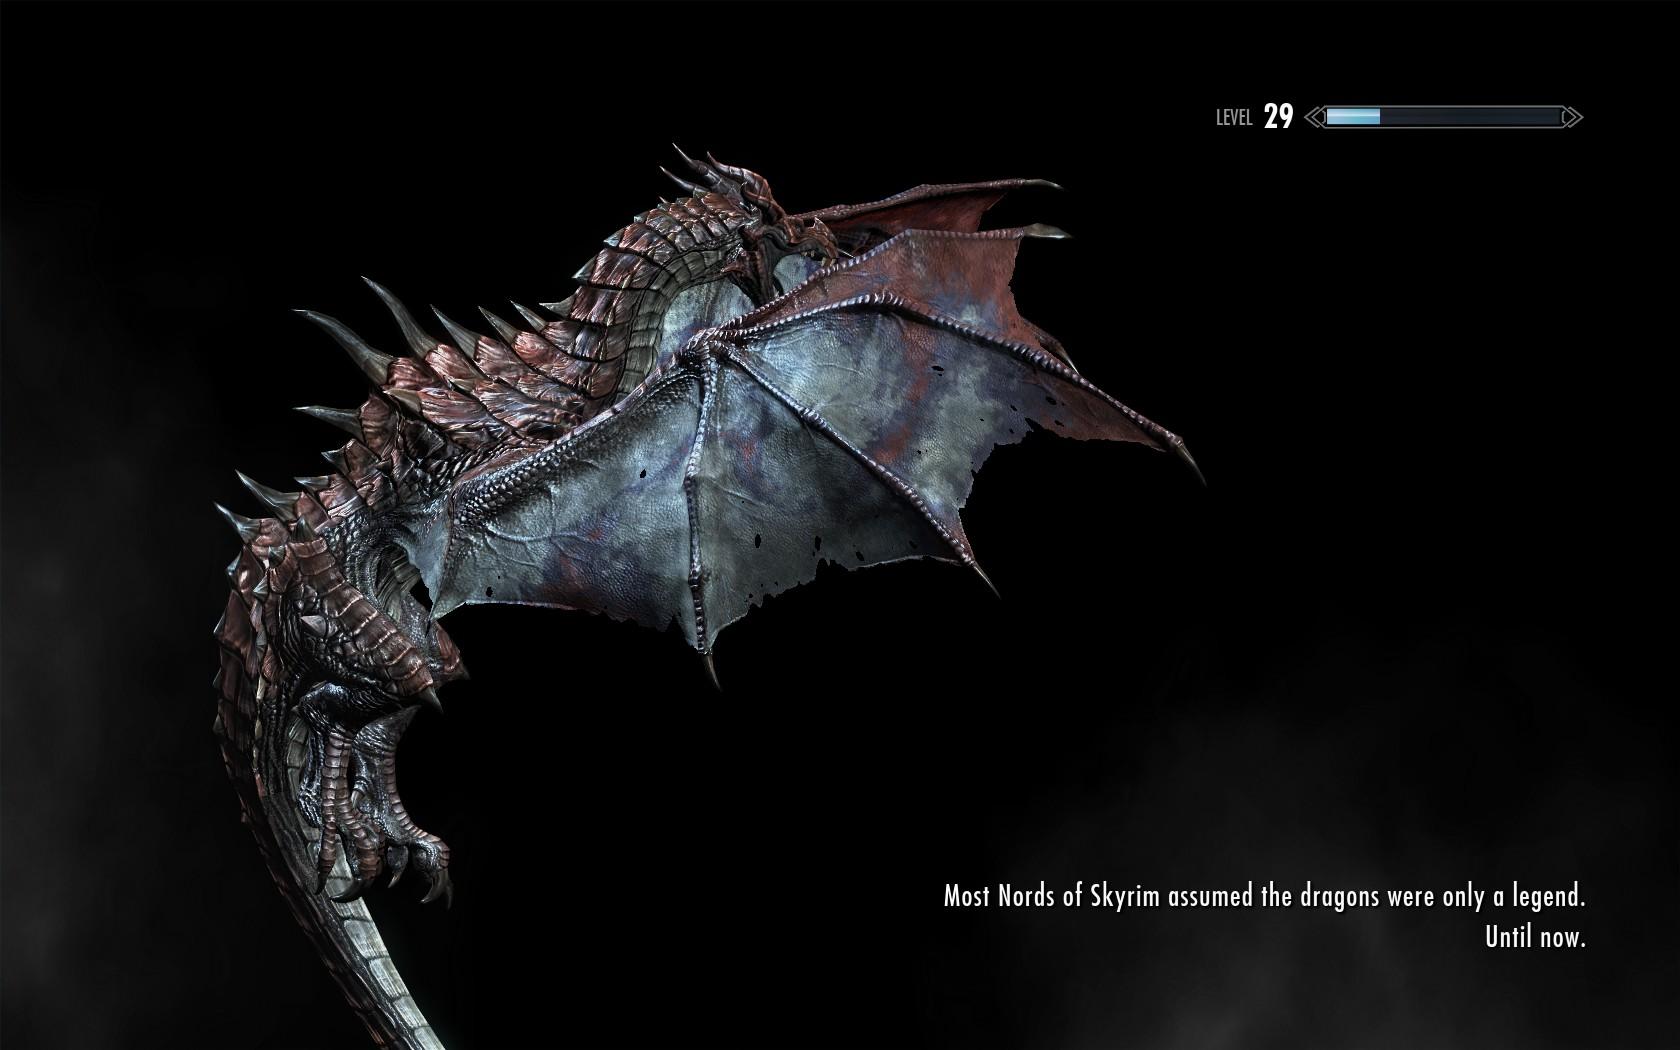 """TES 5 Skyrim """"Улучшенные текстуры драконов ...: playground.ru/files/tes_5_skyrim_uluchshennie_teksturi_drakonov-65229"""